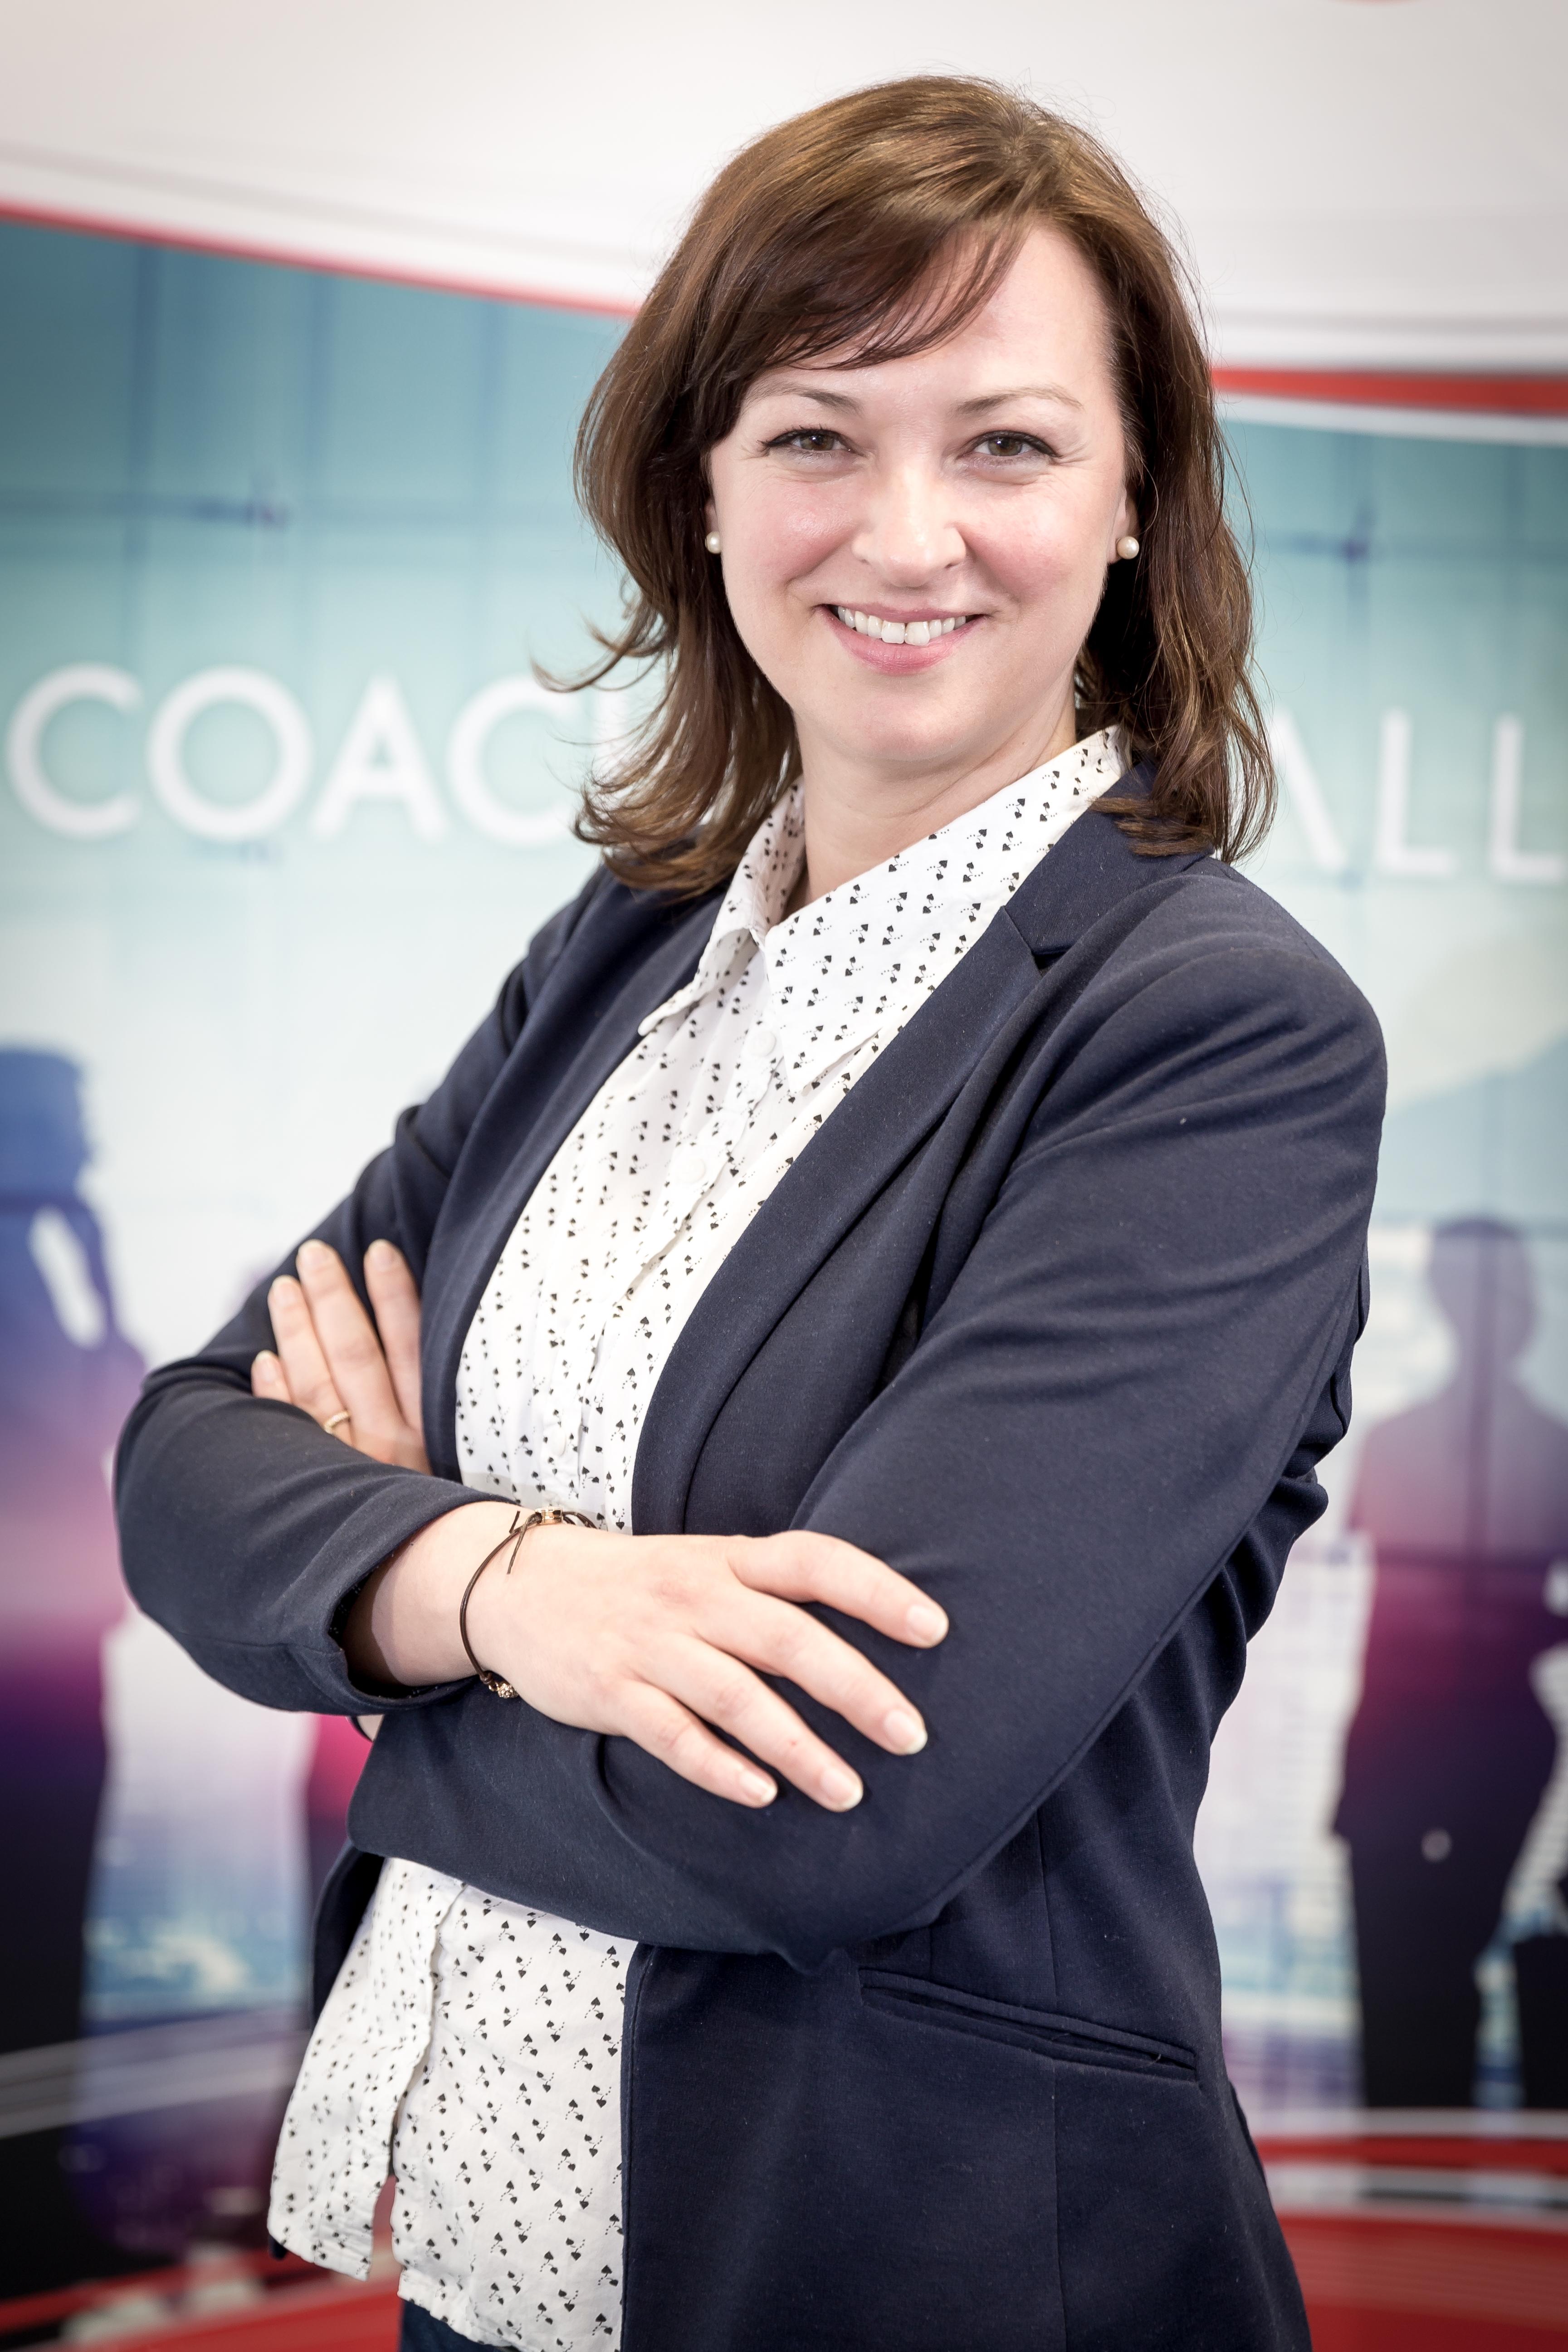 Nicole Falk